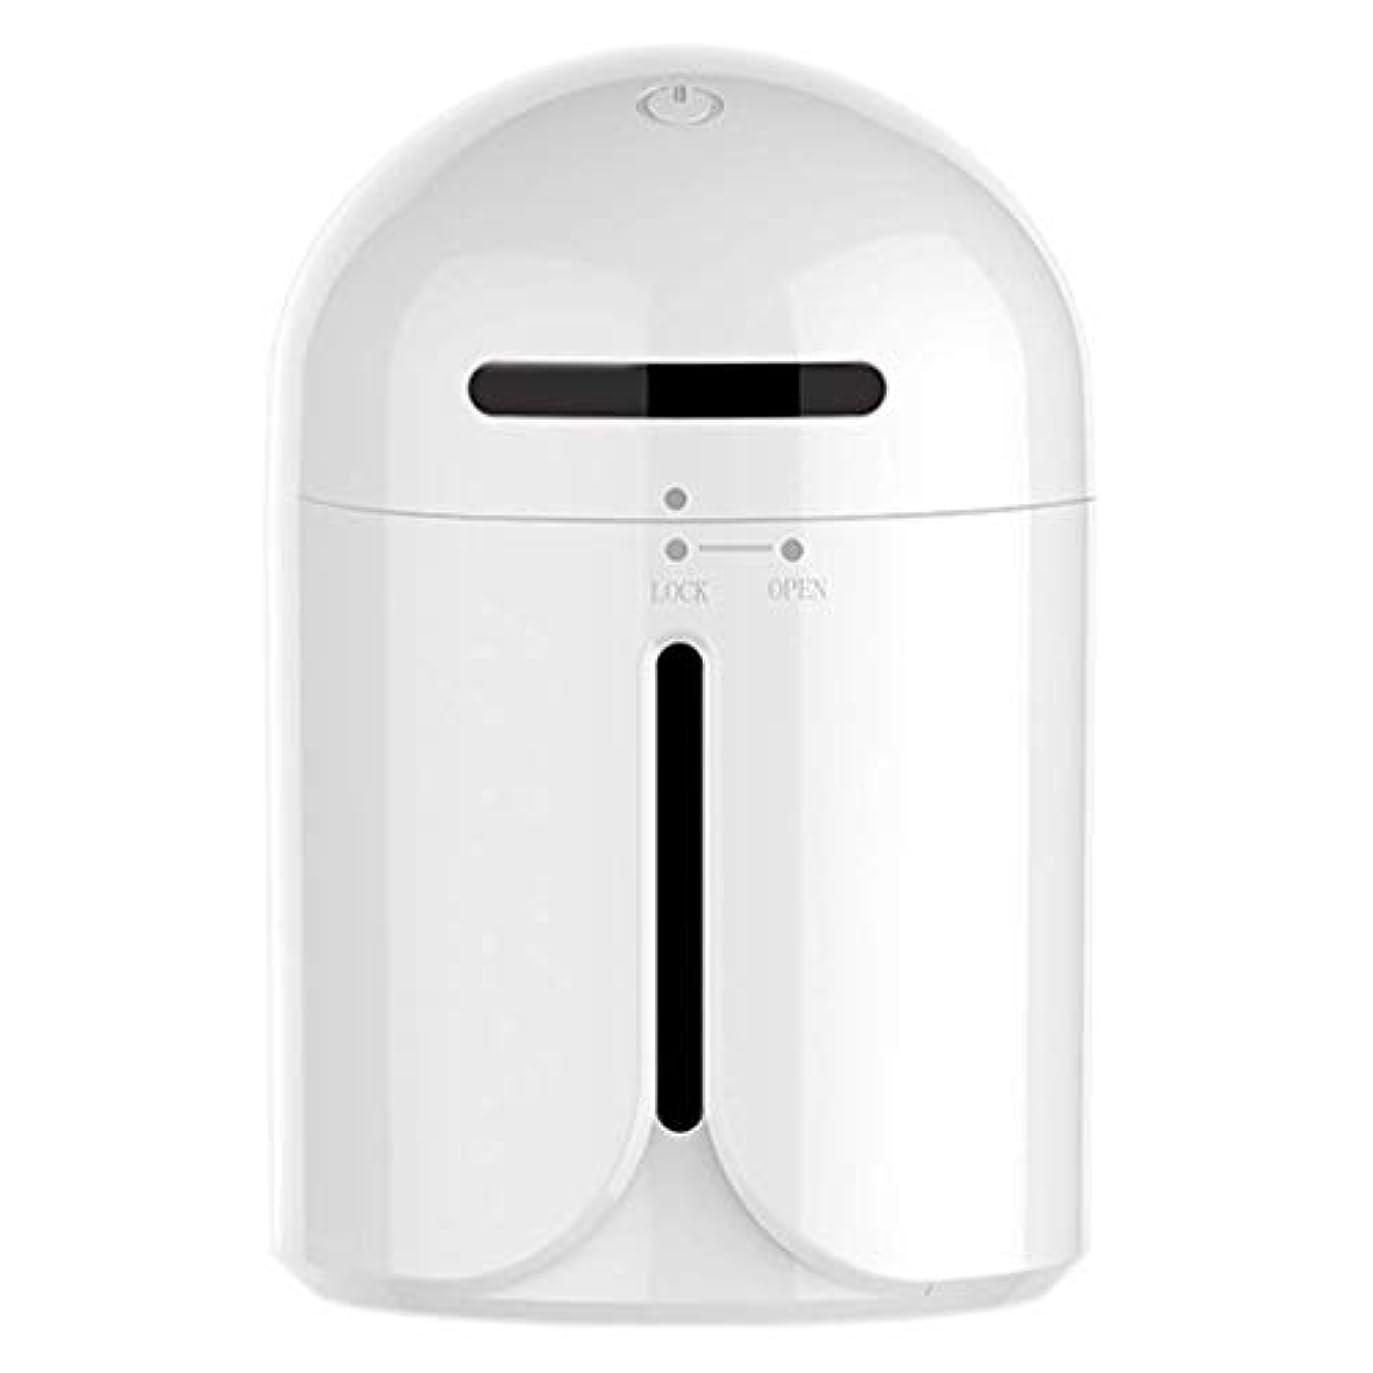 好奇心盛腹部勃起超音波加湿器、車のアロマディフューザー加湿器、気分を和らげるための健康的な肌の改善、睡眠の改善、清潔で清潔な新鮮な空気の浄化、LEDライトミュート (Color : 白)